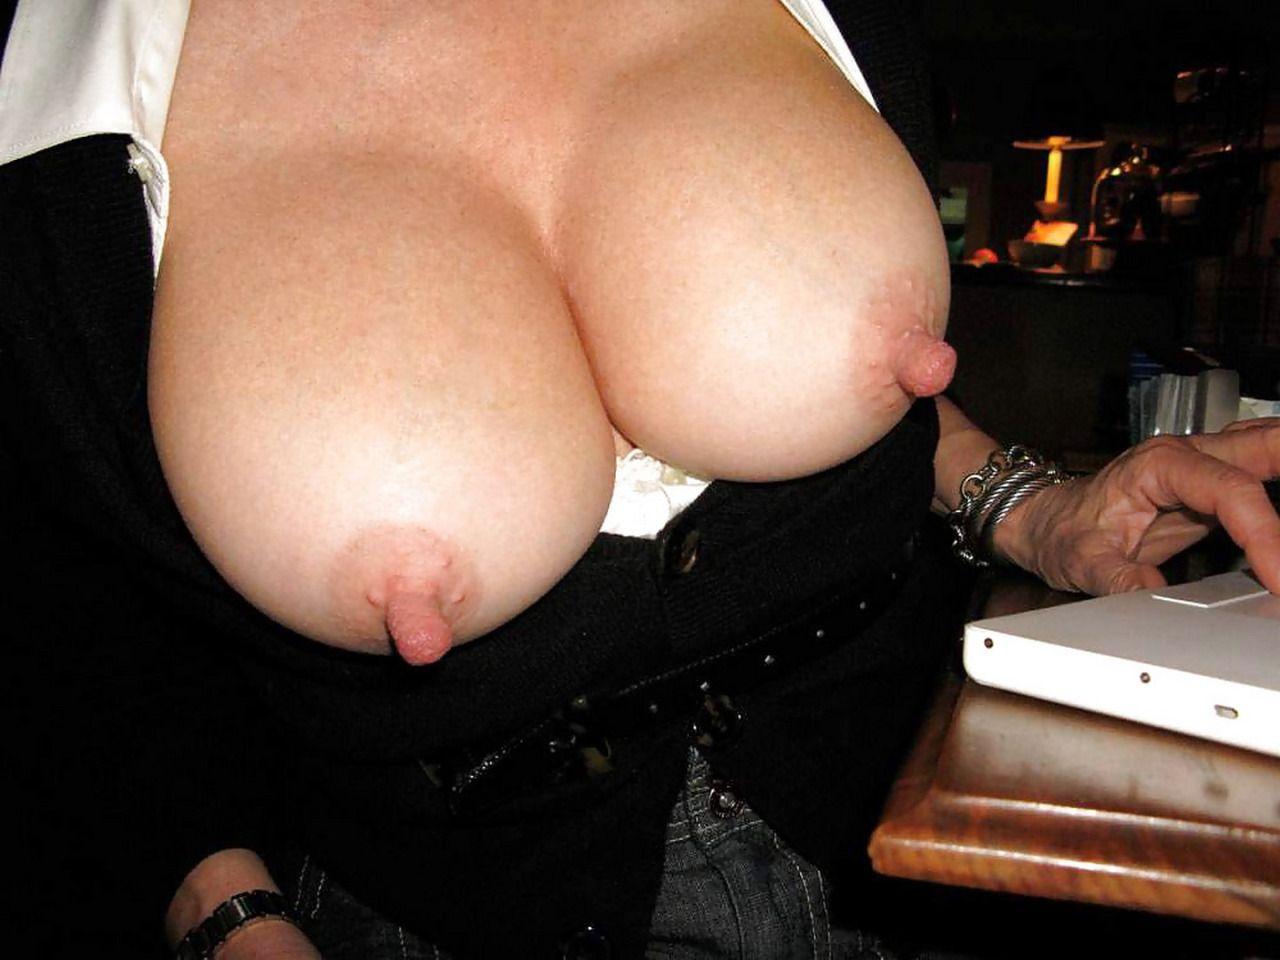 Торчащий сосок на груди, Фото голых торчащих сосков секси девушек 1 фотография